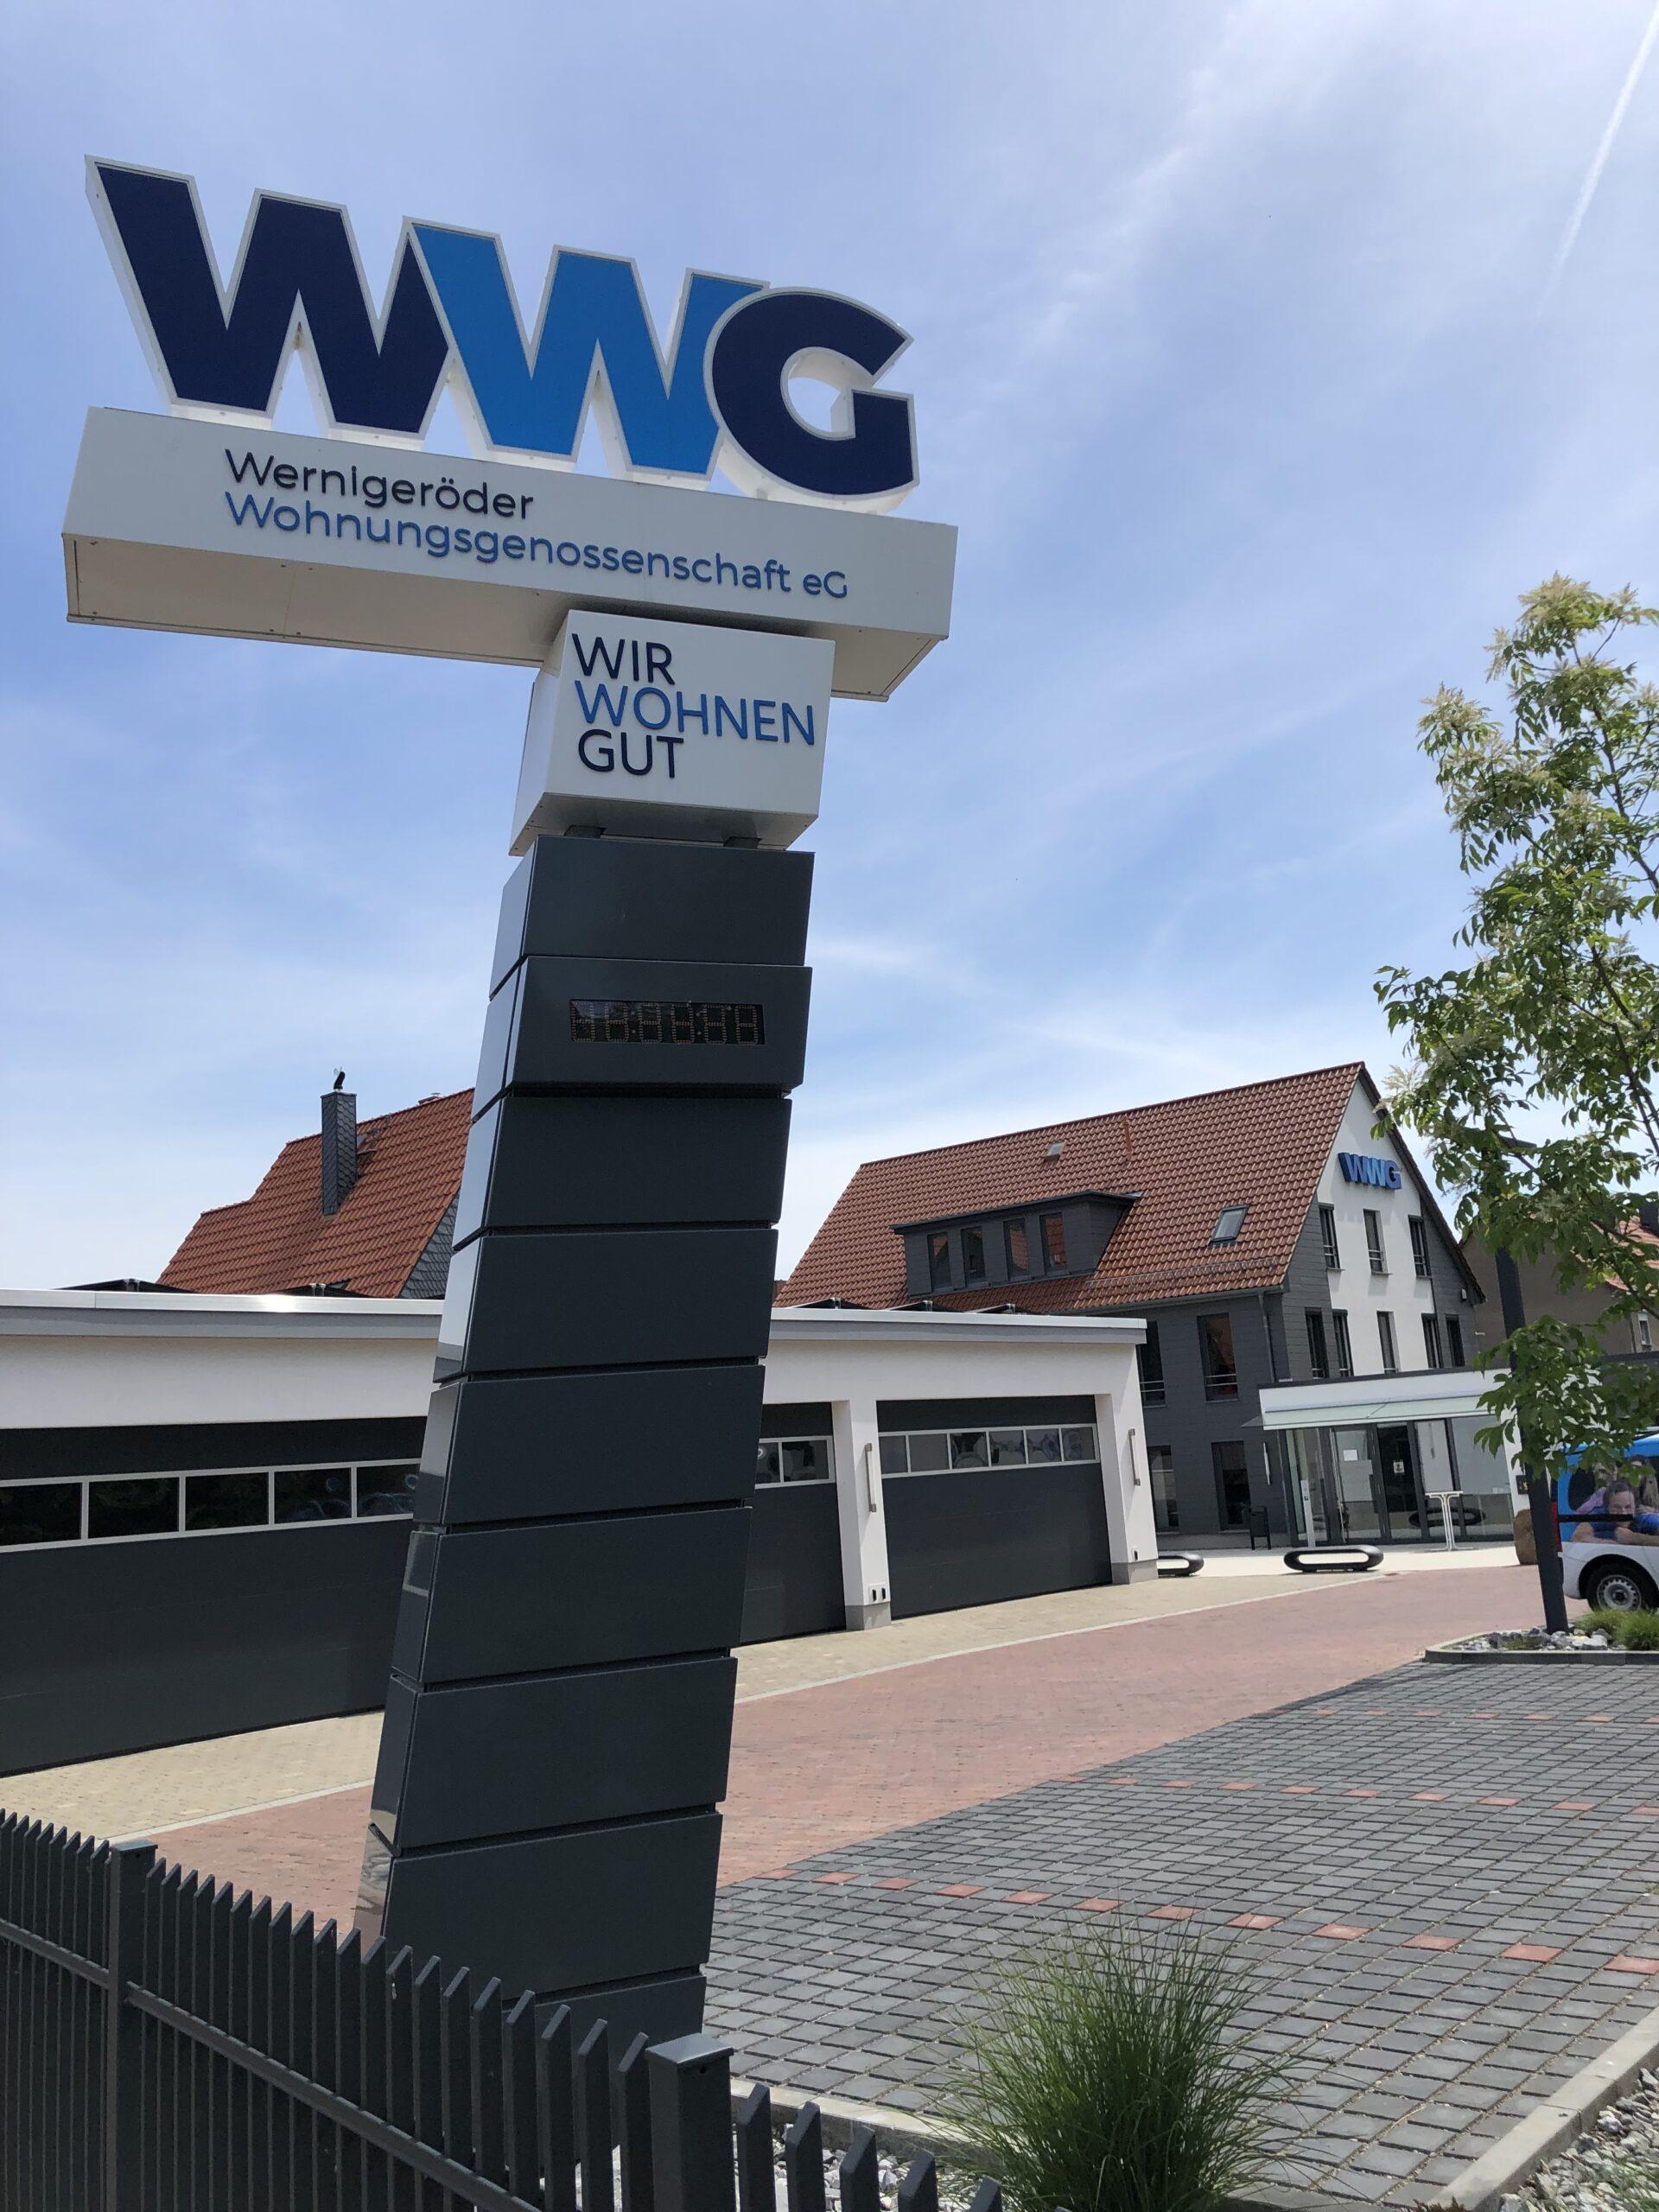 WWG Geschäftsstelle